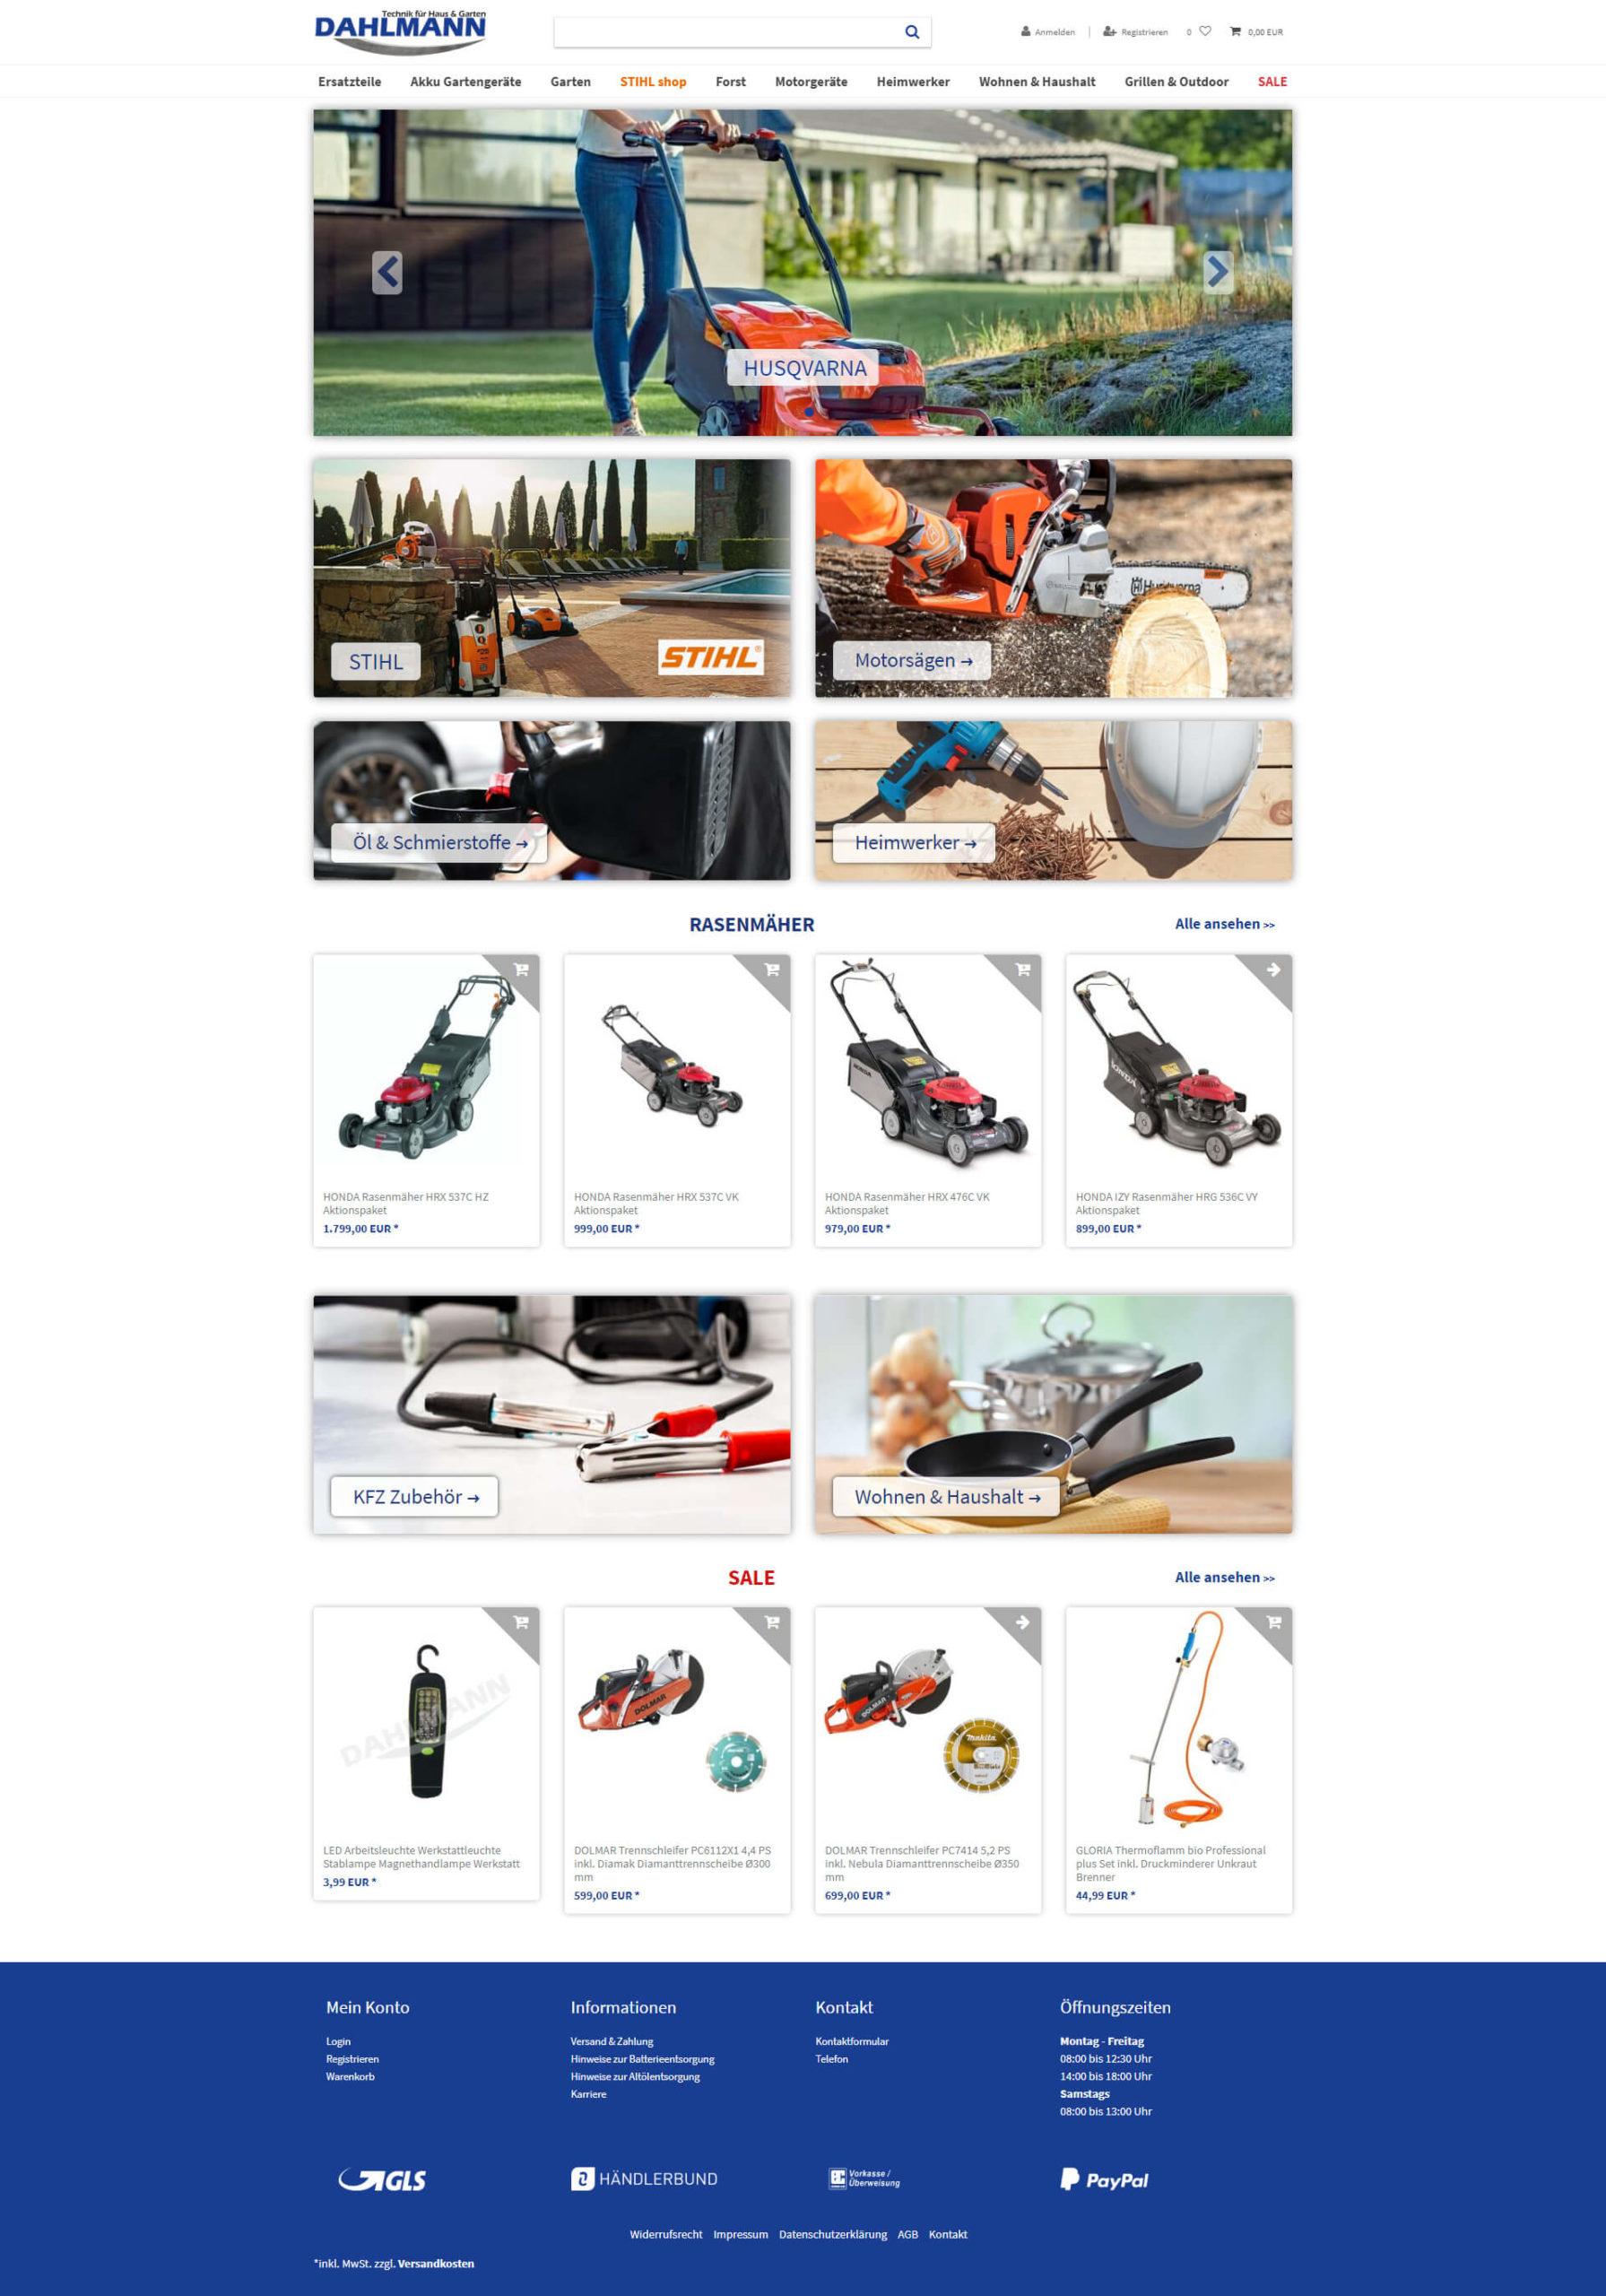 Web-Wikinger-Projektbild-dahlmann-home-de